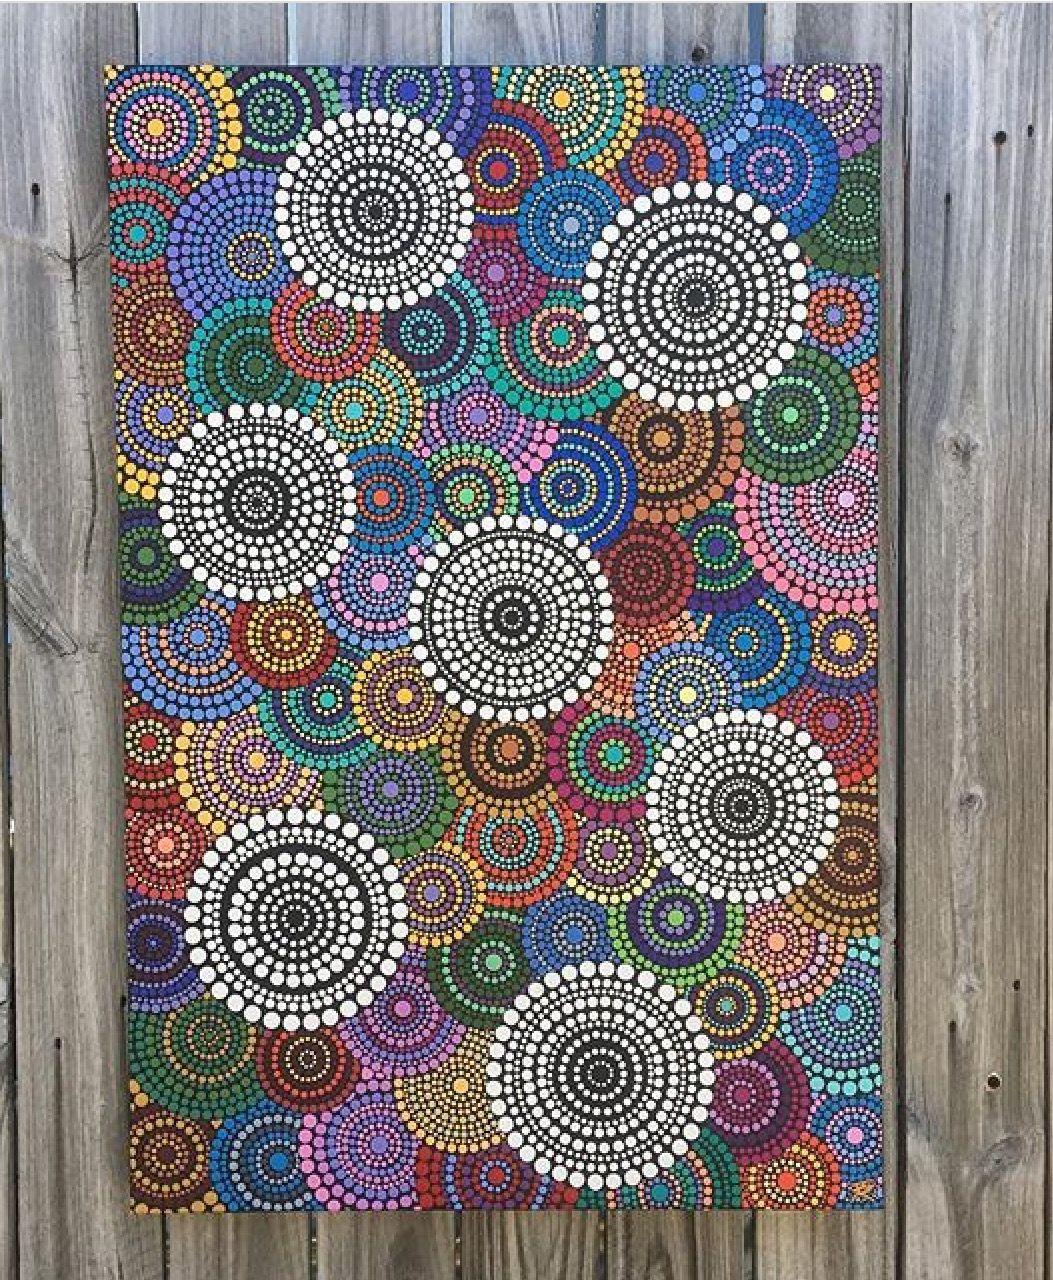 Image result for dot mandala template | Dot Art | Pinterest ...